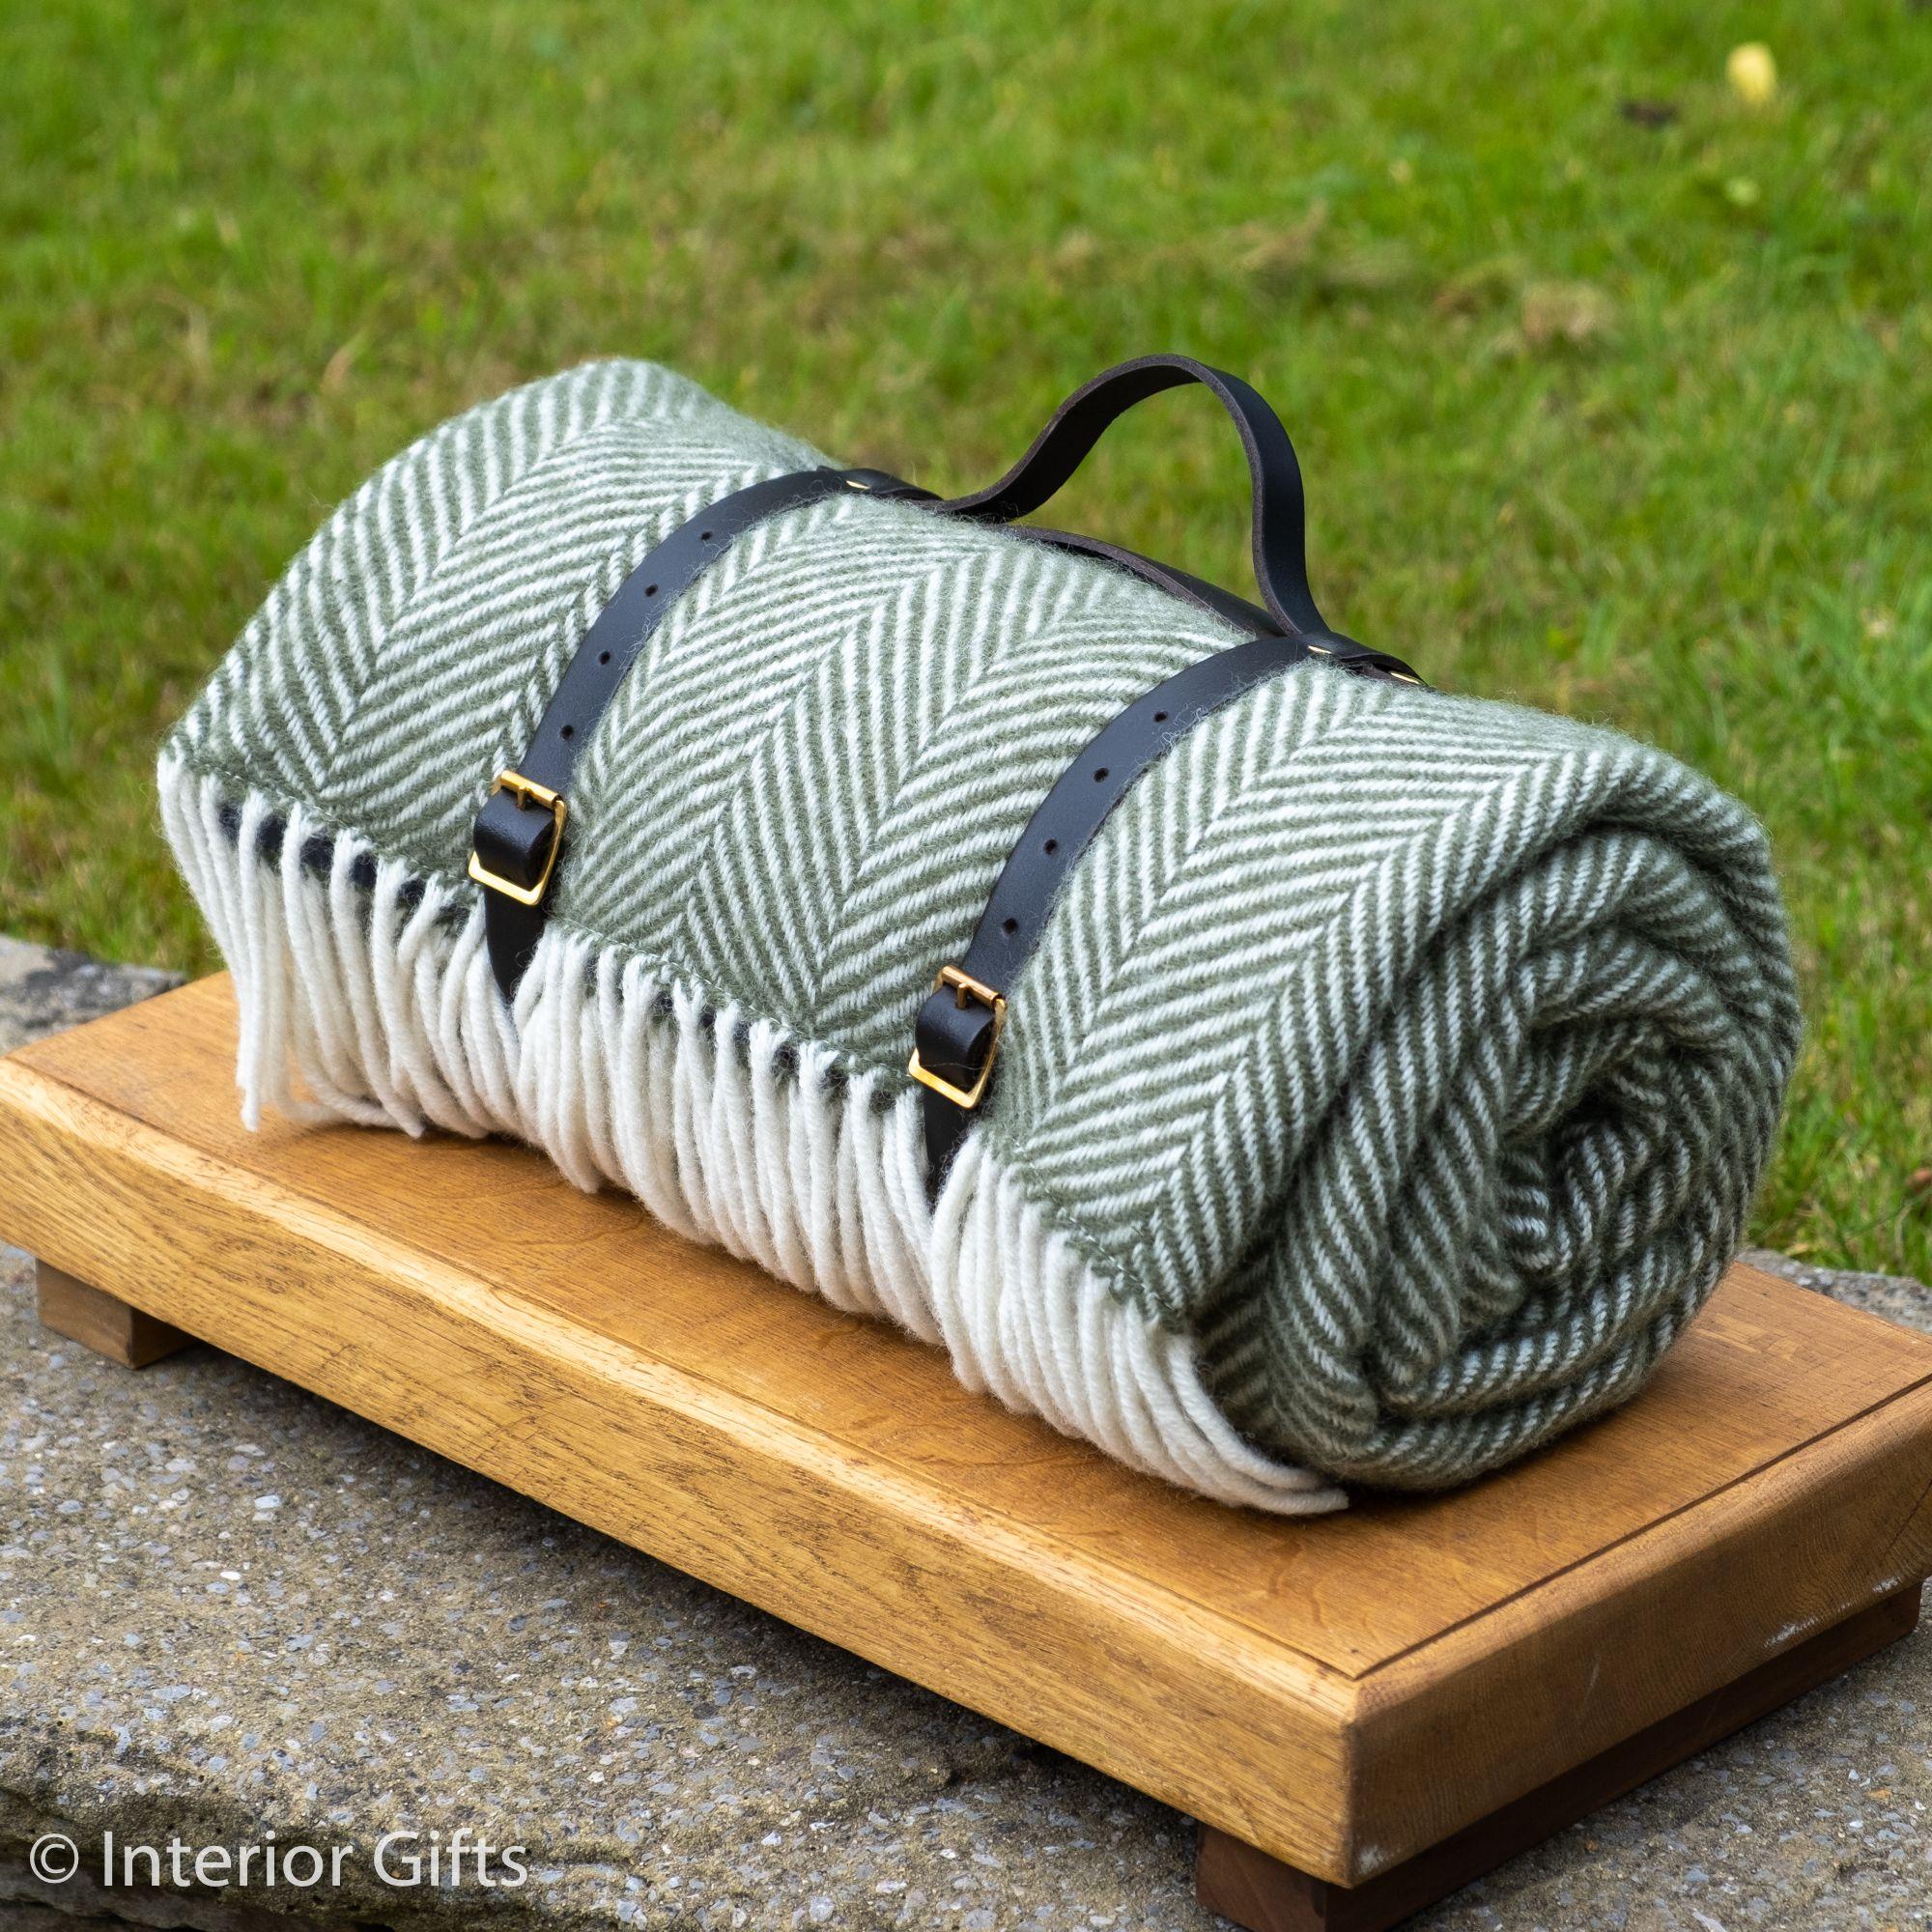 Waterproof Picnic Rug in Pure New Wool